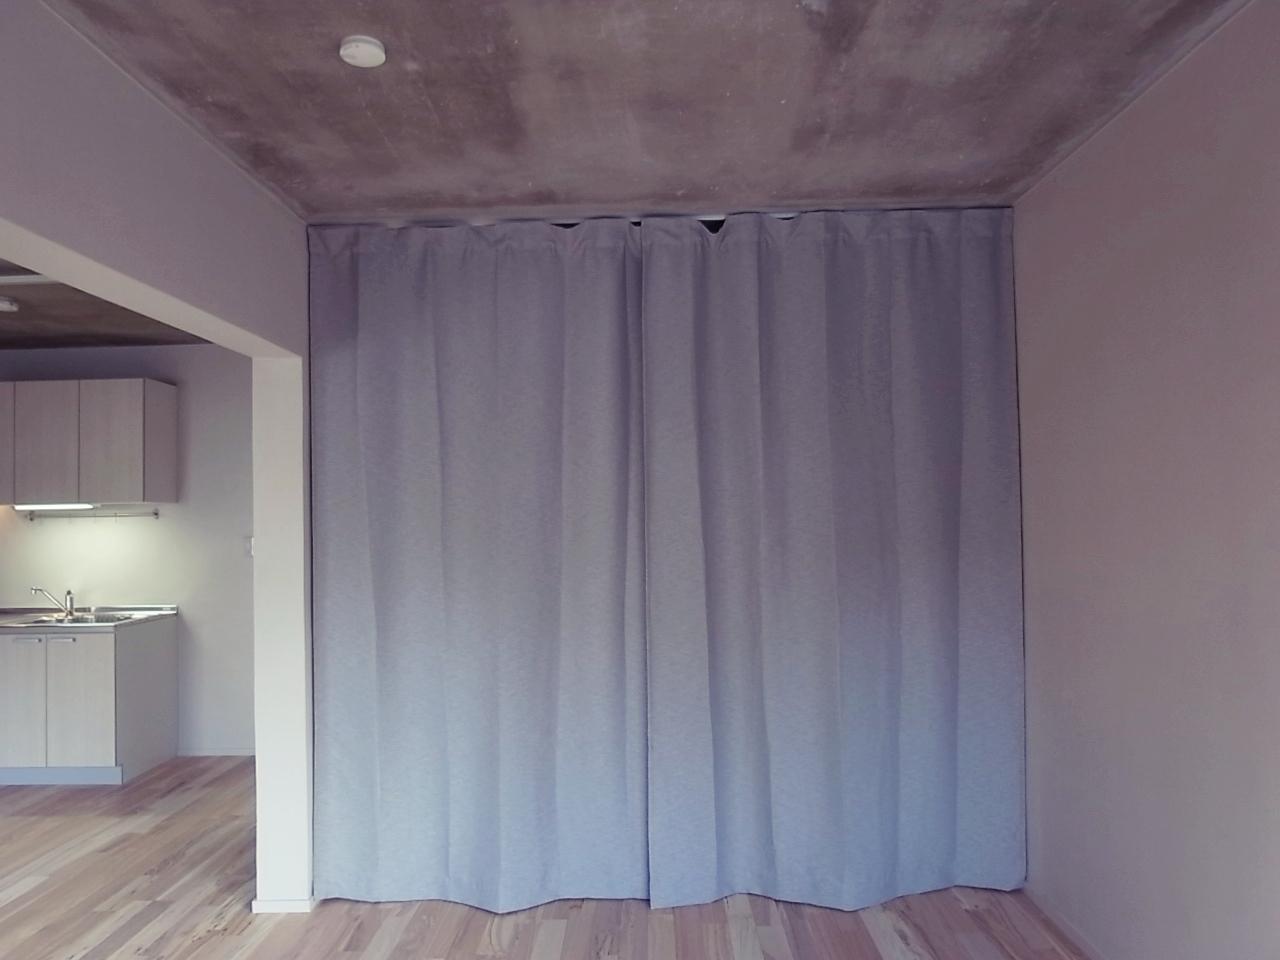 カーテンの奥はウォークスルークローゼット。